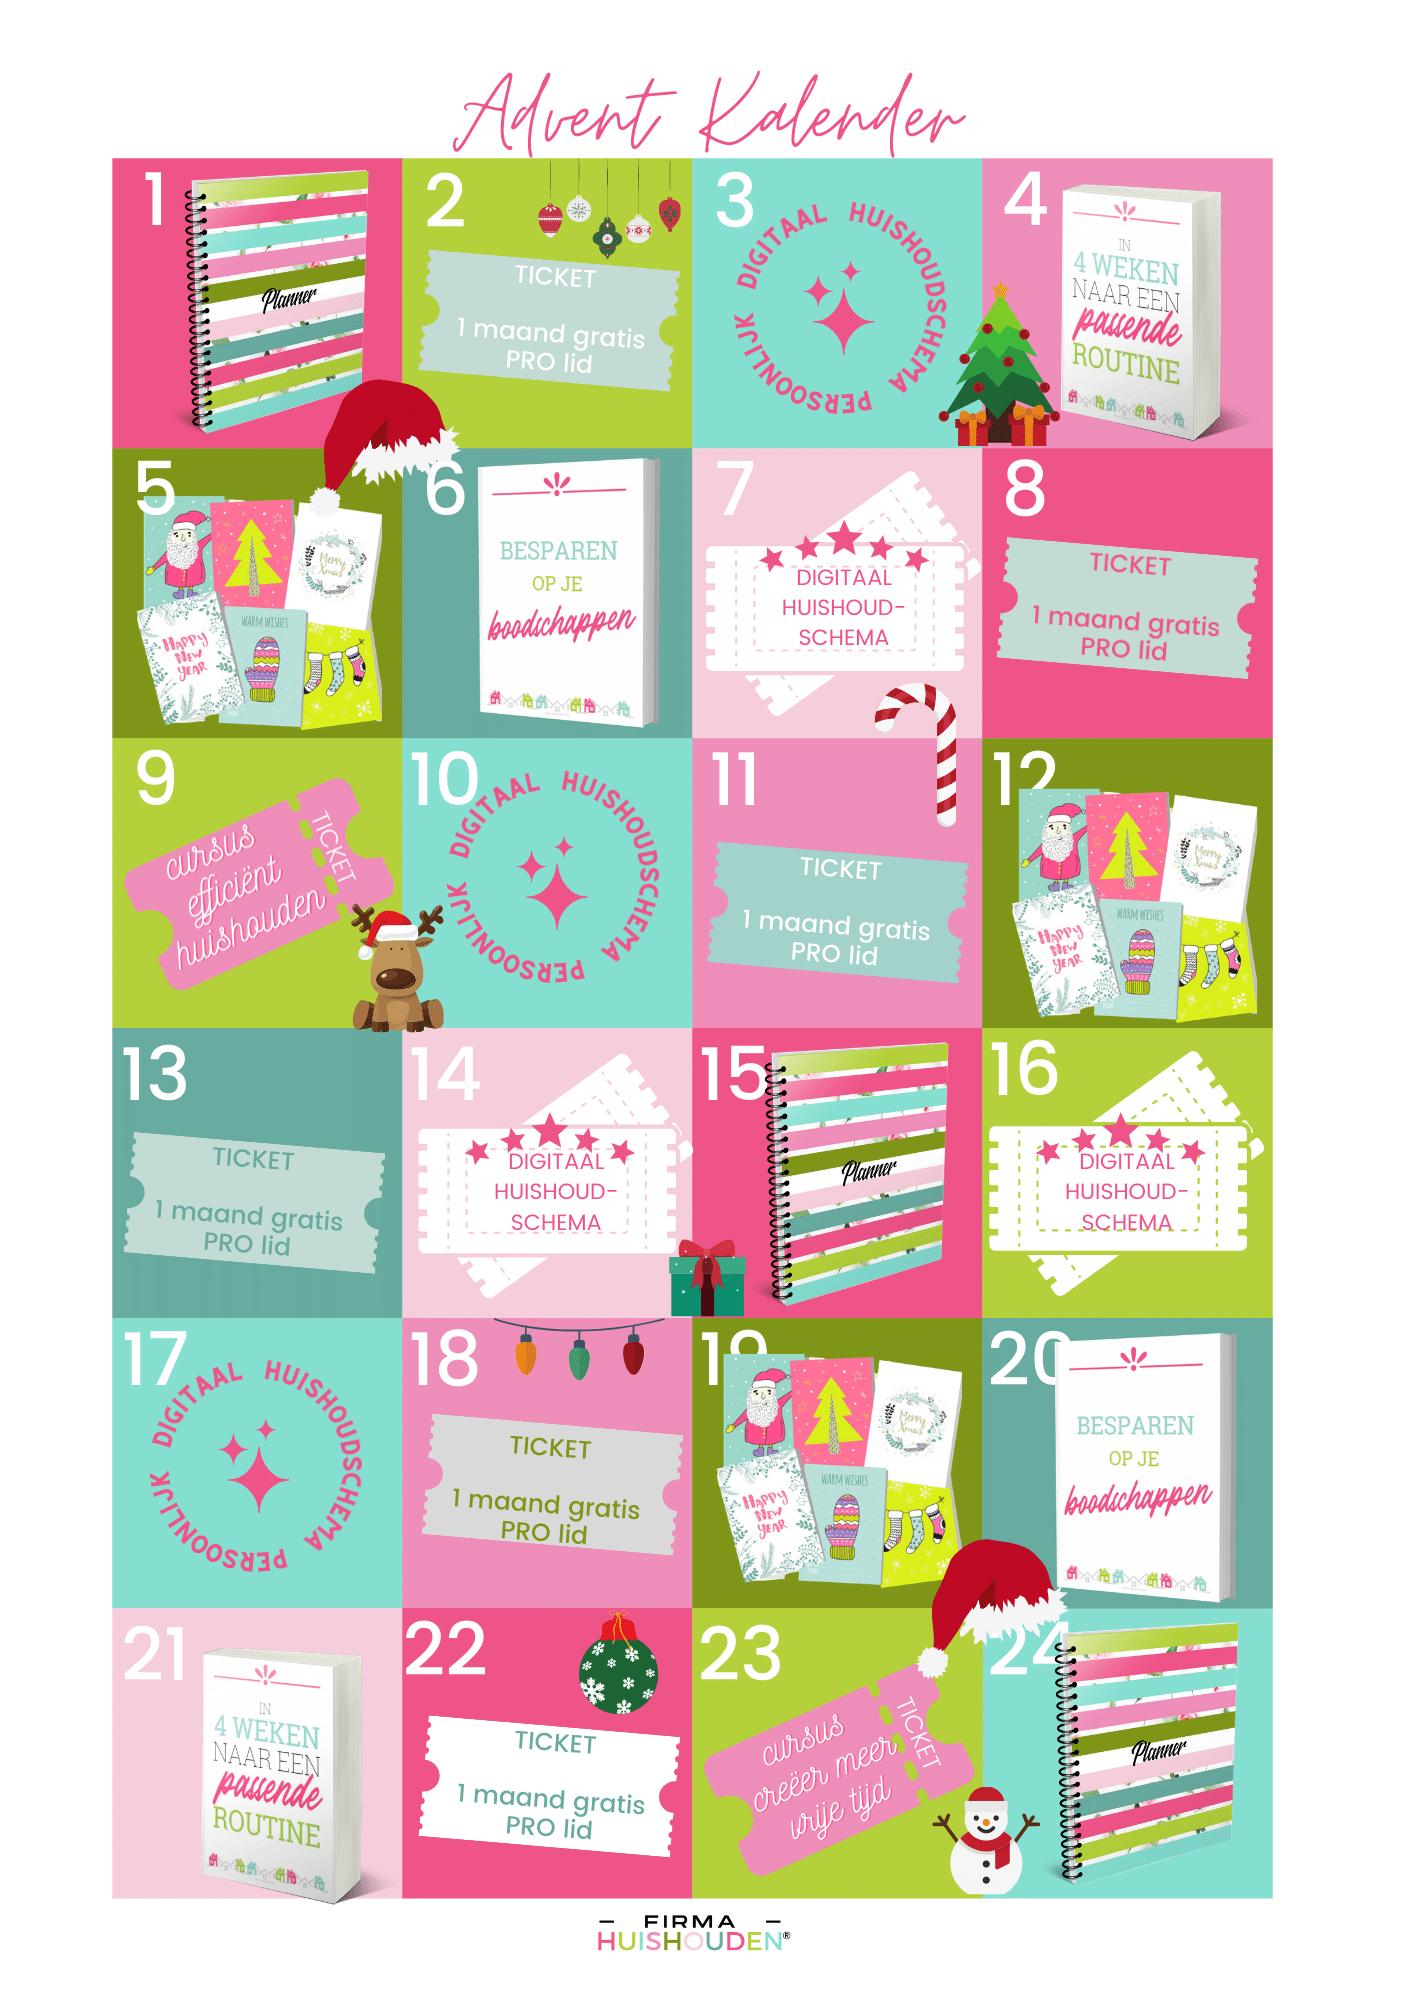 Adventskalender met 24 prijzen speciaal voor jou! -